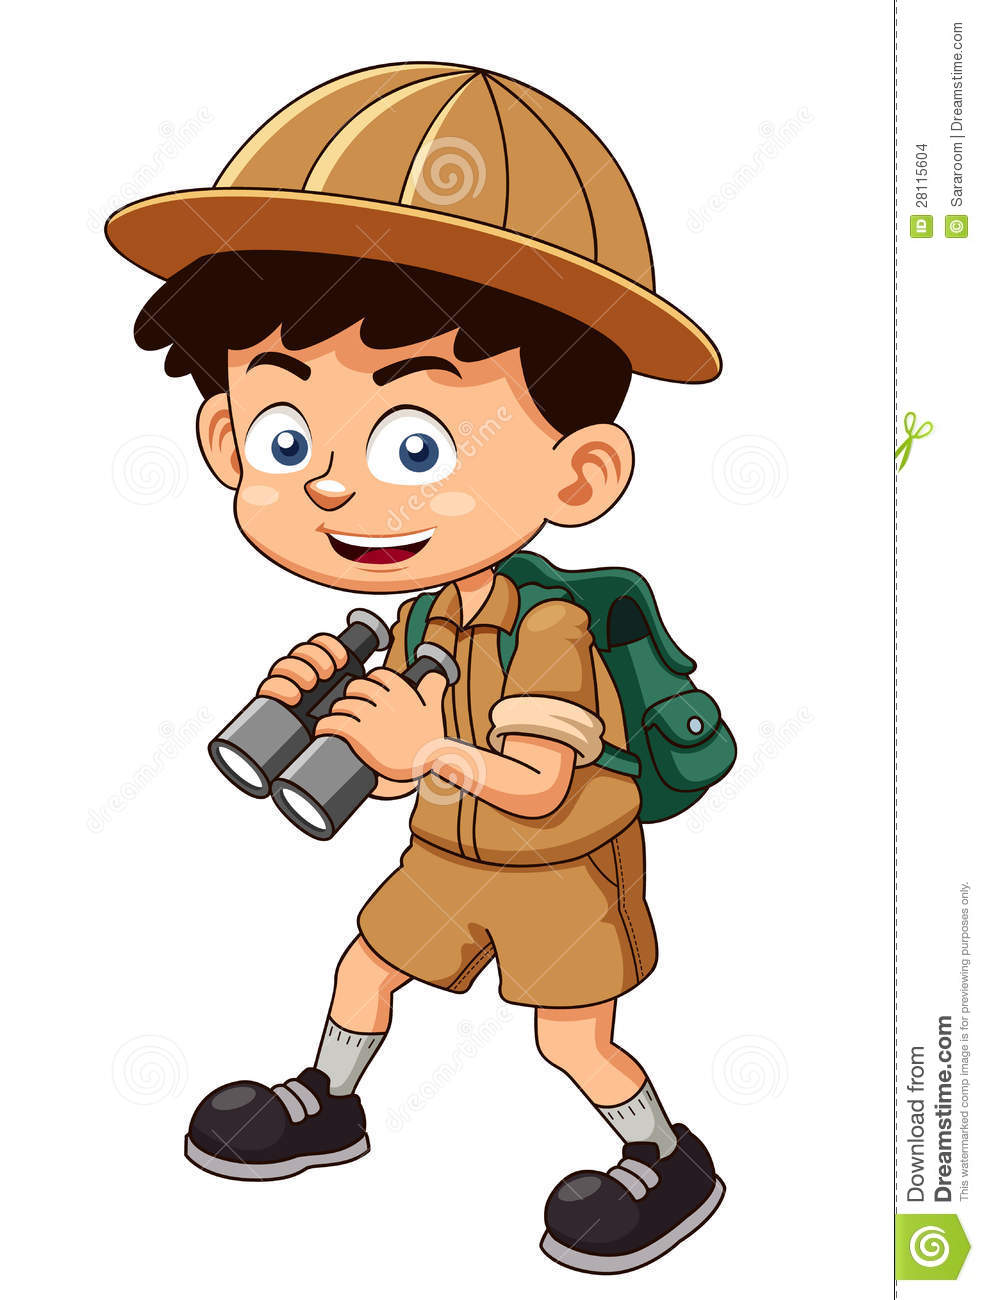 Cartoon boy scout clipart.